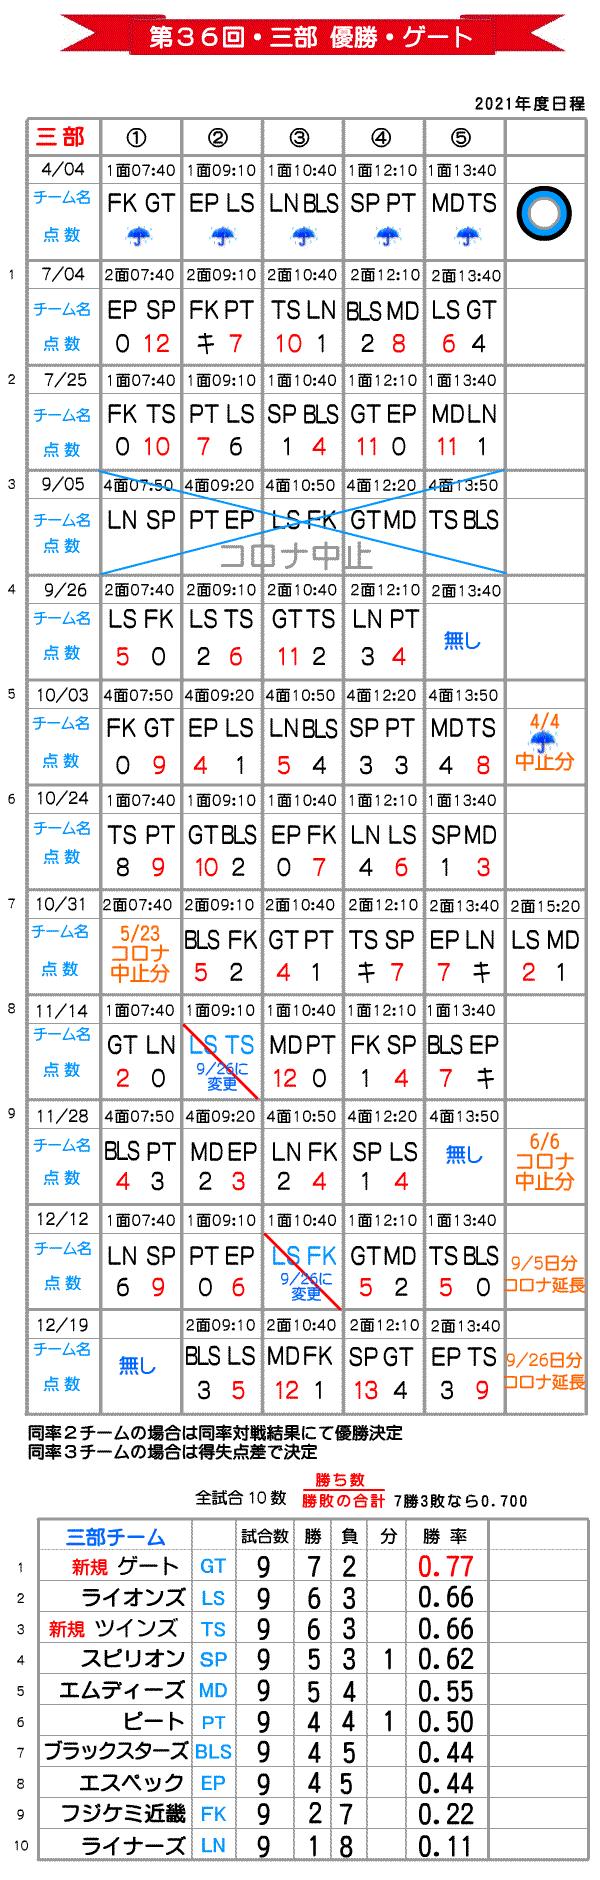 大阪北リーグ三部総当たり戦野球大会